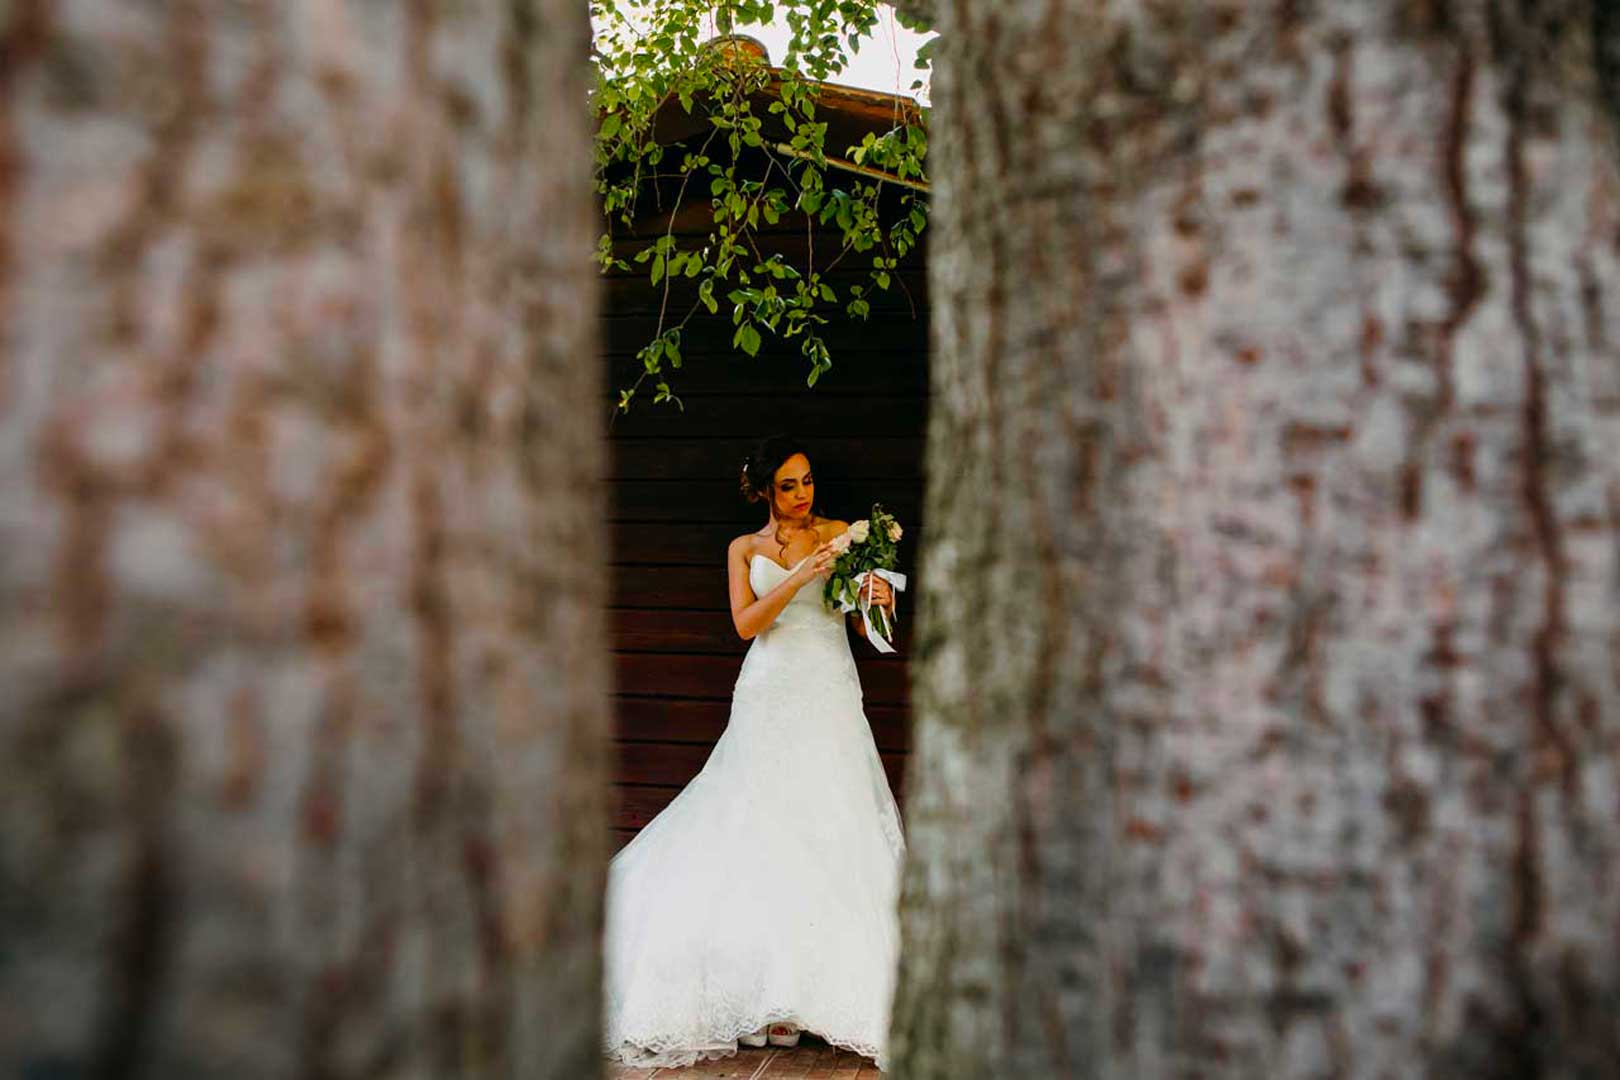 029-sposa-matrimonio-gianni-lepore